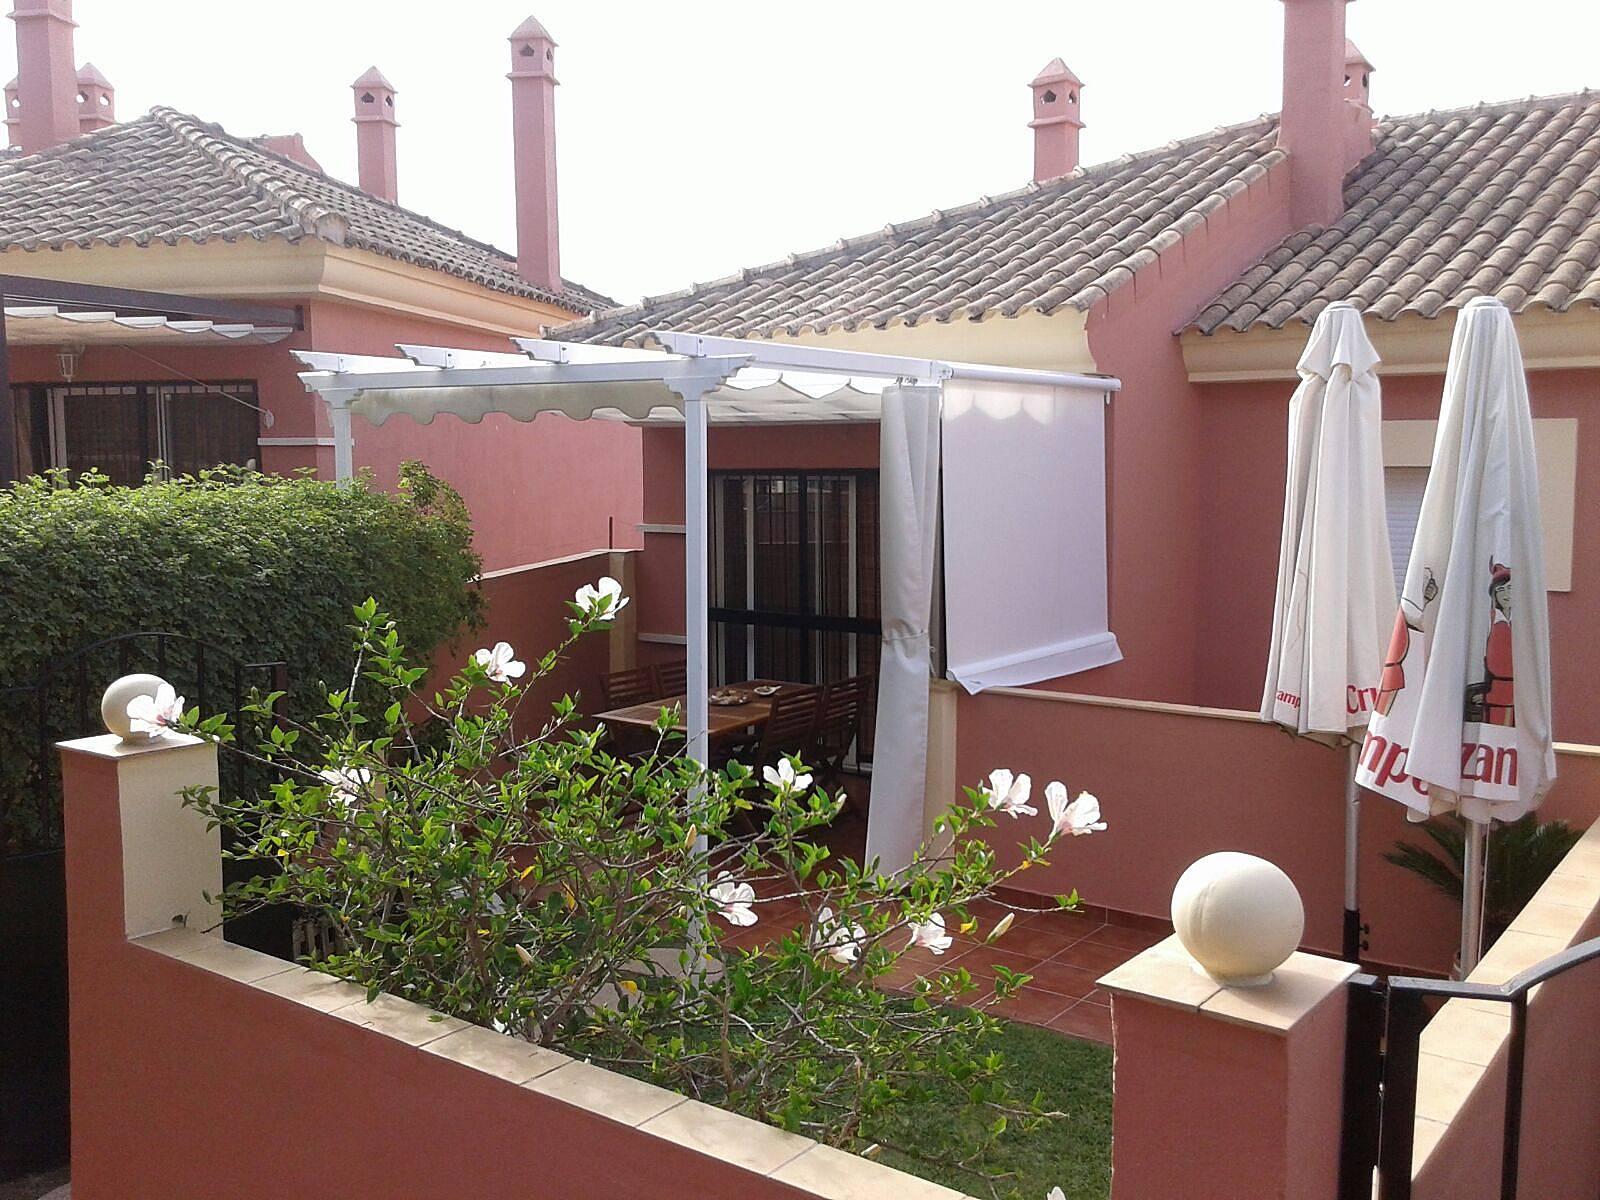 Apartamento com 2 quartos em campo de golfe islantilla - Rentalia islantilla ...